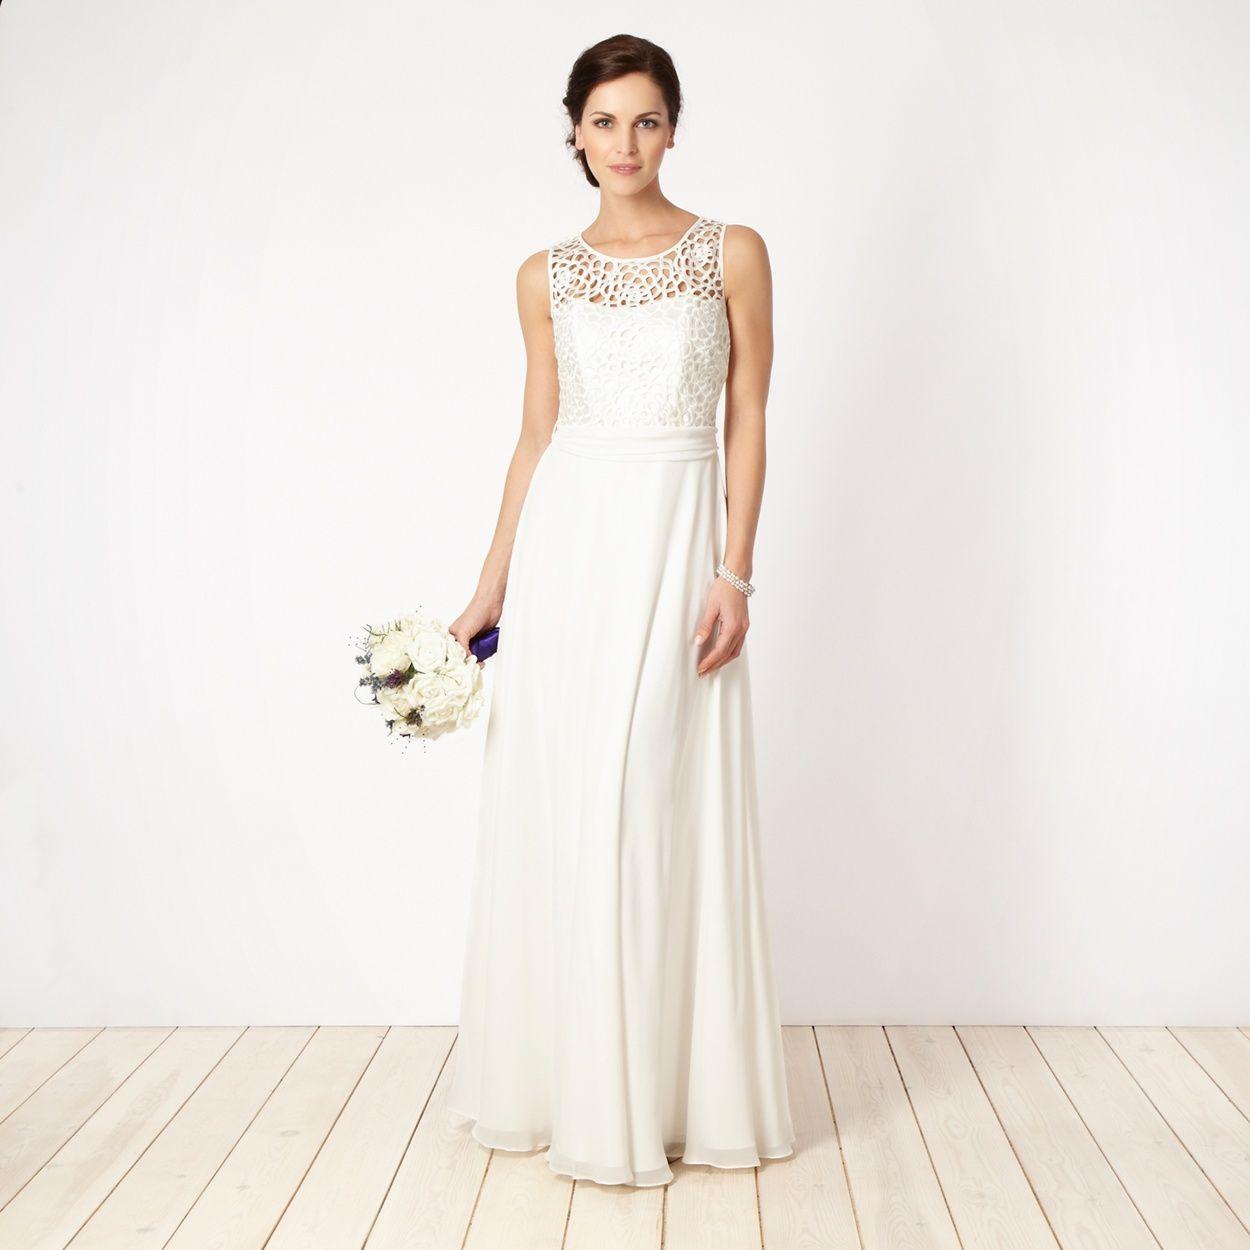 Ben de lisi designer cream cutout lace bridal gown at debenhams